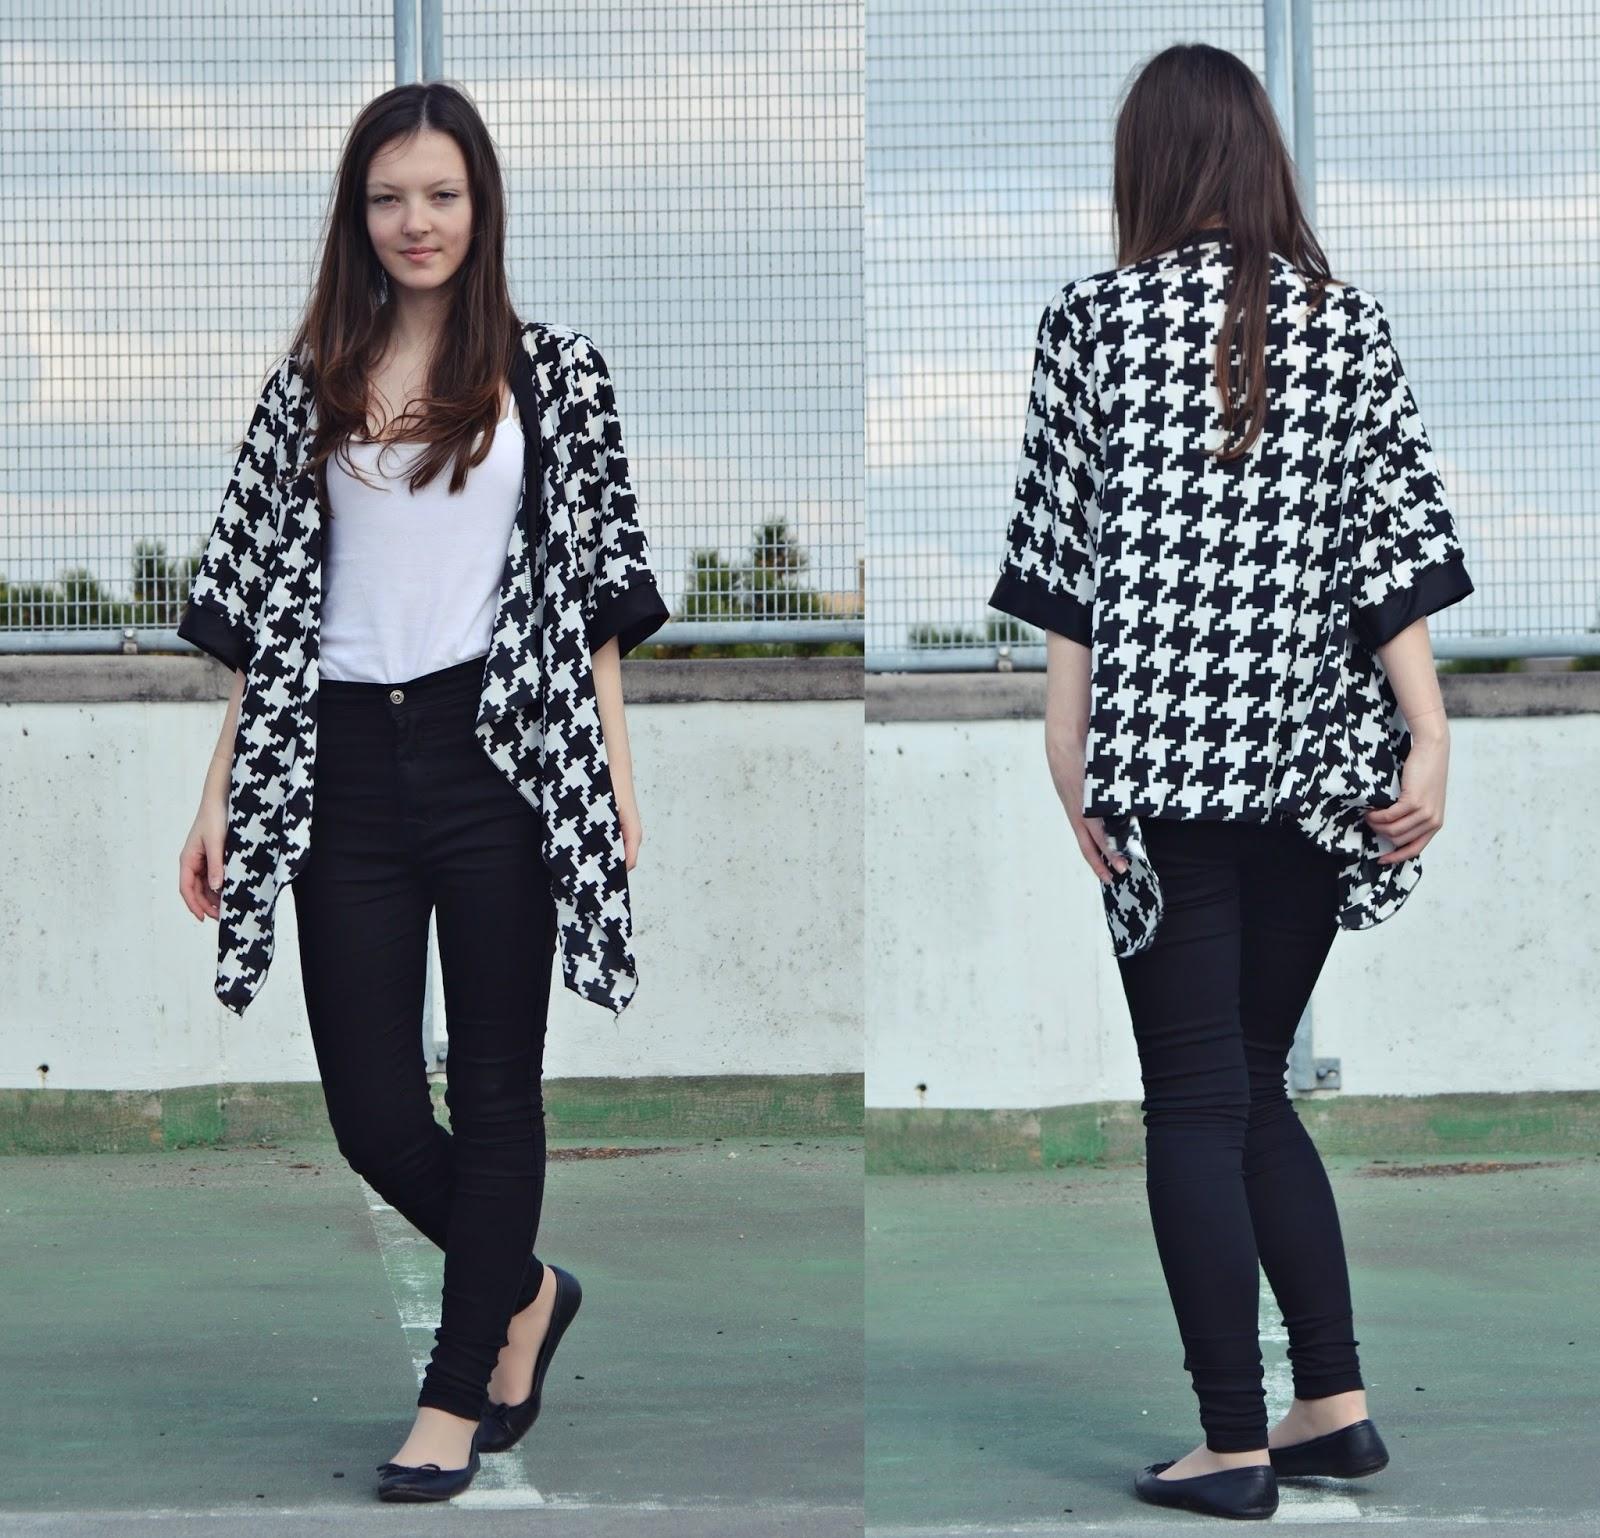 monochrome kimono outfit